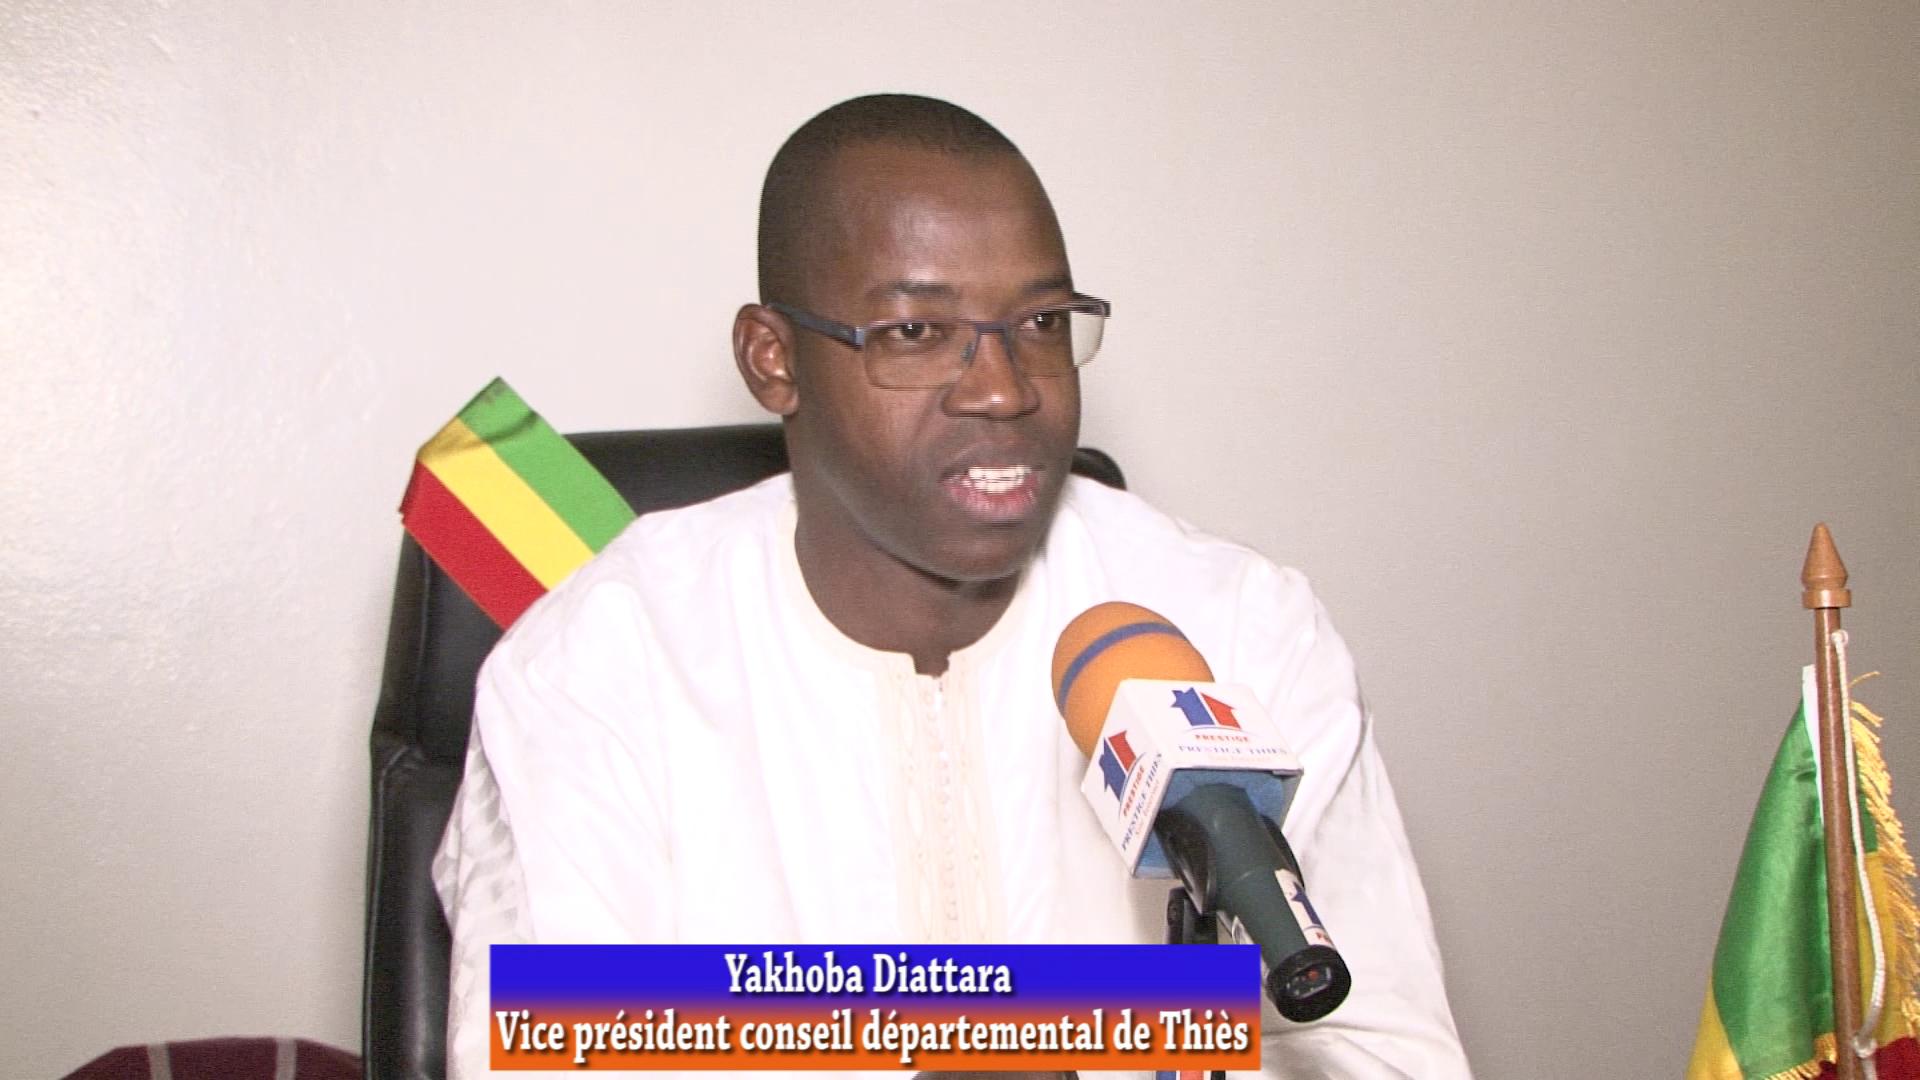 BRADAGE DES TERRES DU DOMAINE PUBLIC MARITIME DE CAYAR : Abdoulaye Sow poursuivi pour usurpation de fonction par Yankhoba Diattara